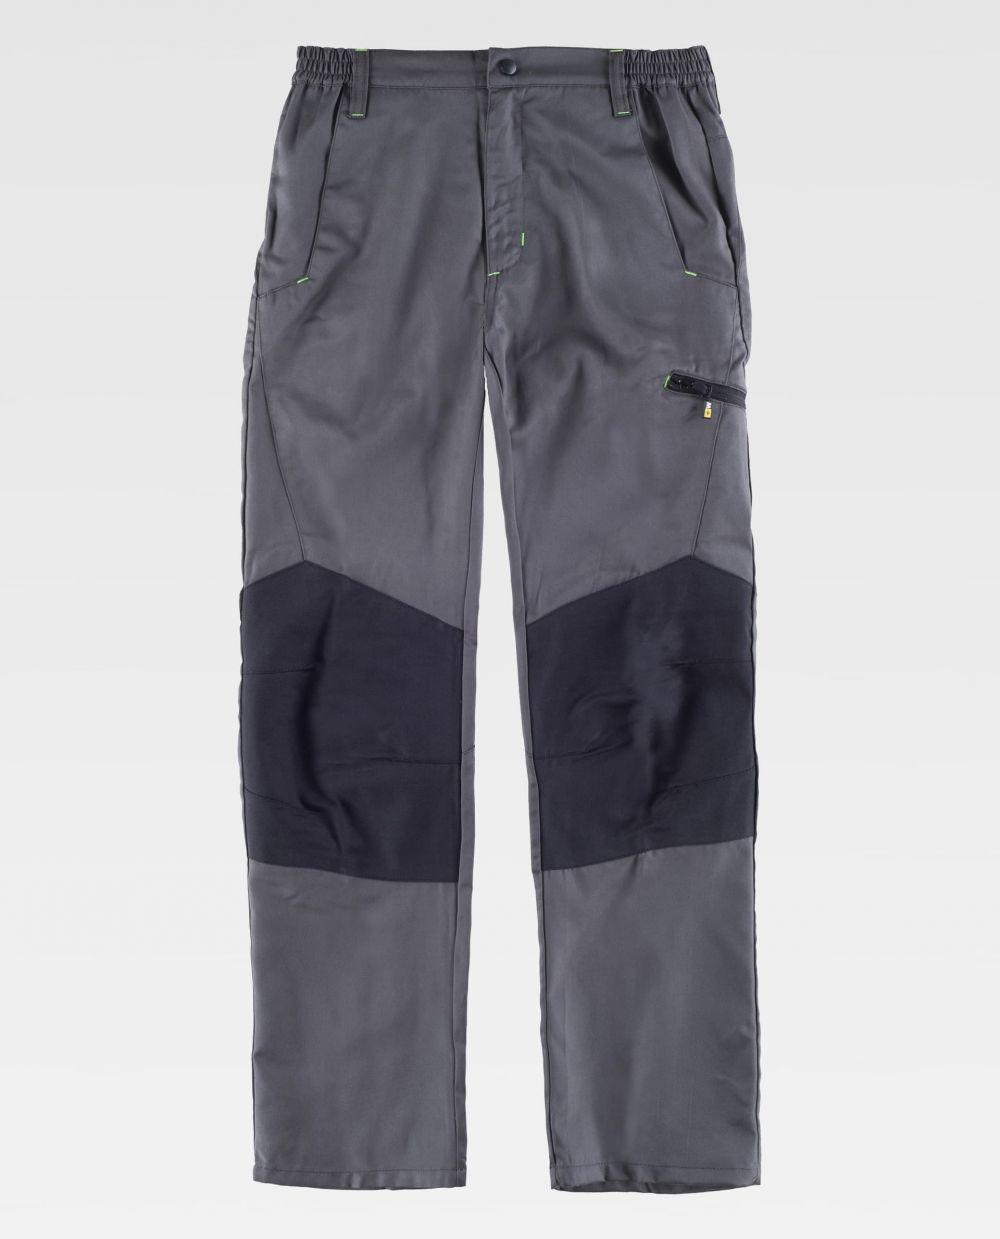 Pantalones de trabajo workteam b1460 de poliéster vista 1